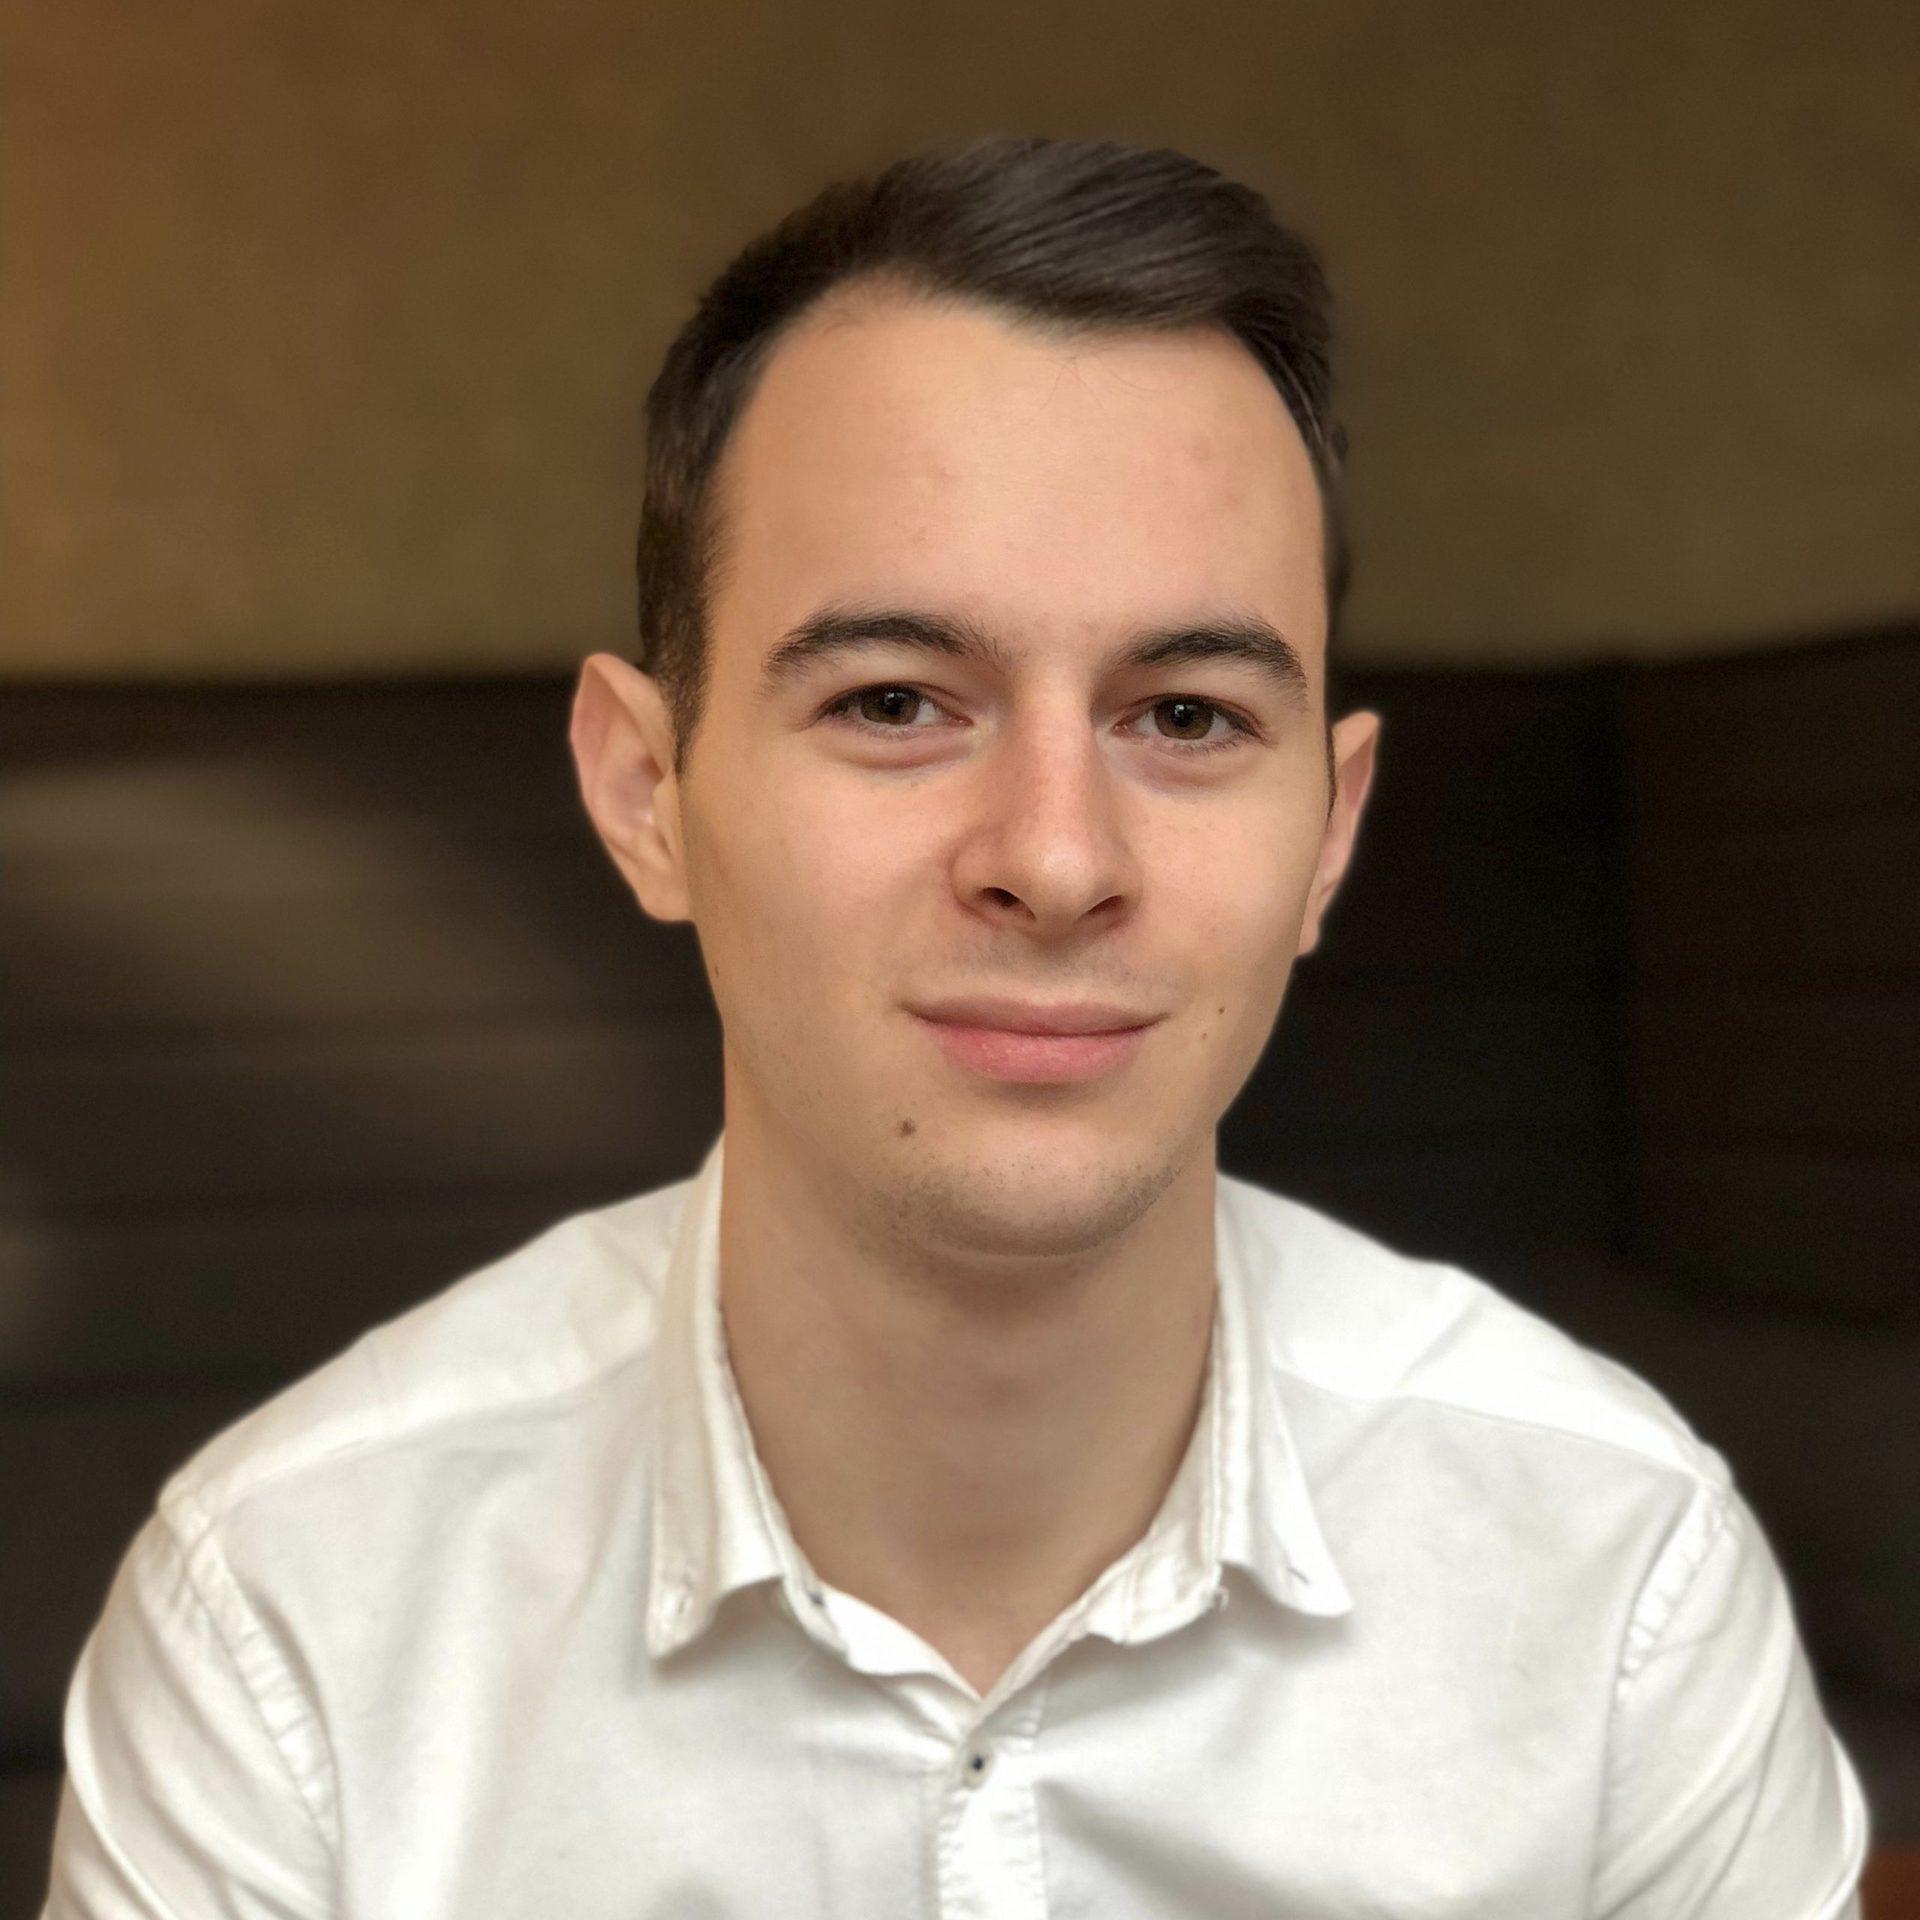 Gabor Galantai, COO and Founder of CashCoin